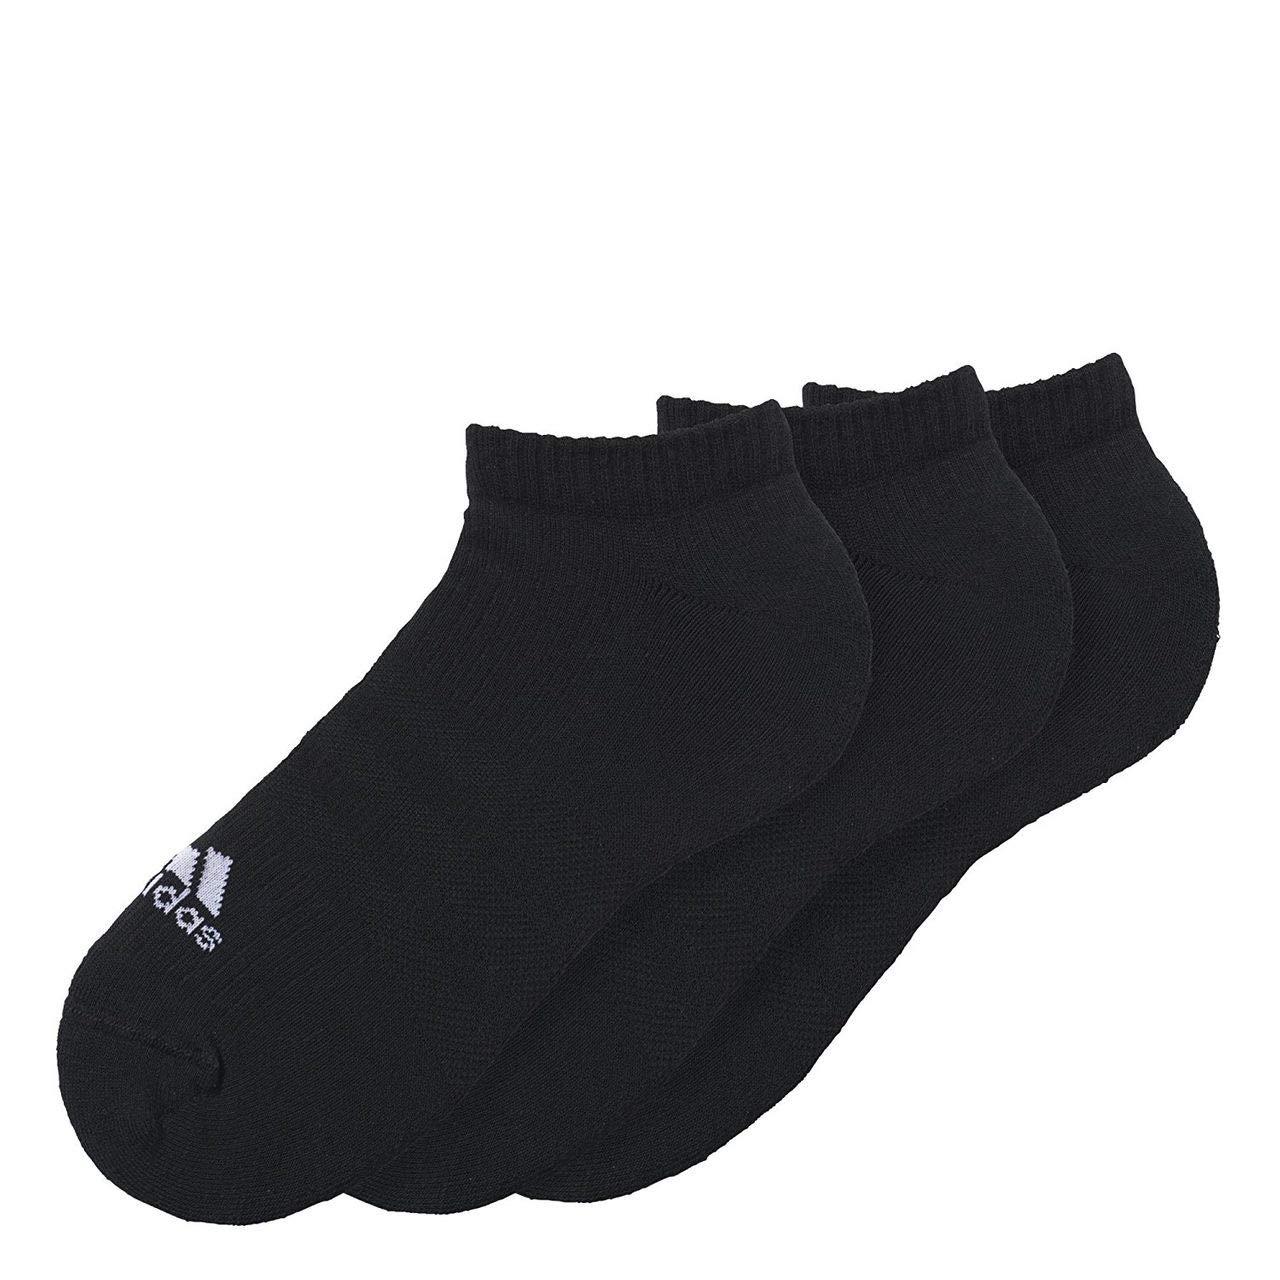 adidas - Calcetines cortos - Básico - para hombre